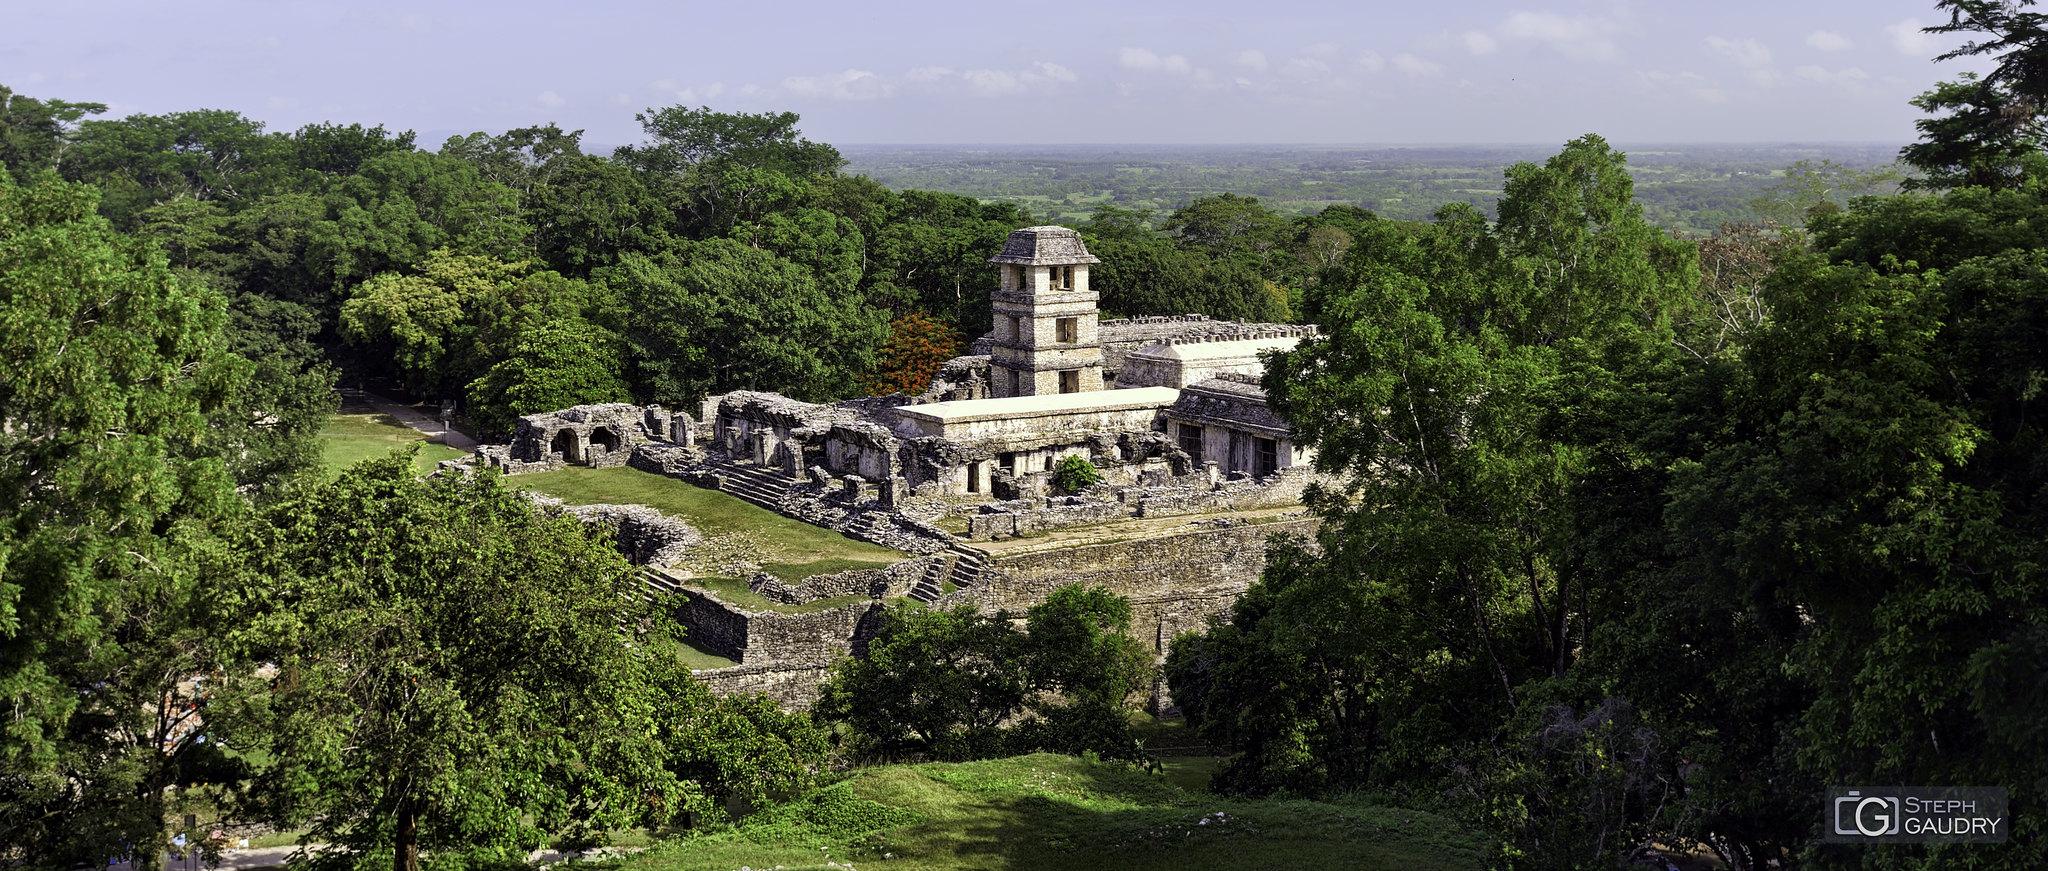 Palenque - Le palais et la tour d'observatoire [Klicken Sie hier, um die Diashow zu starten]